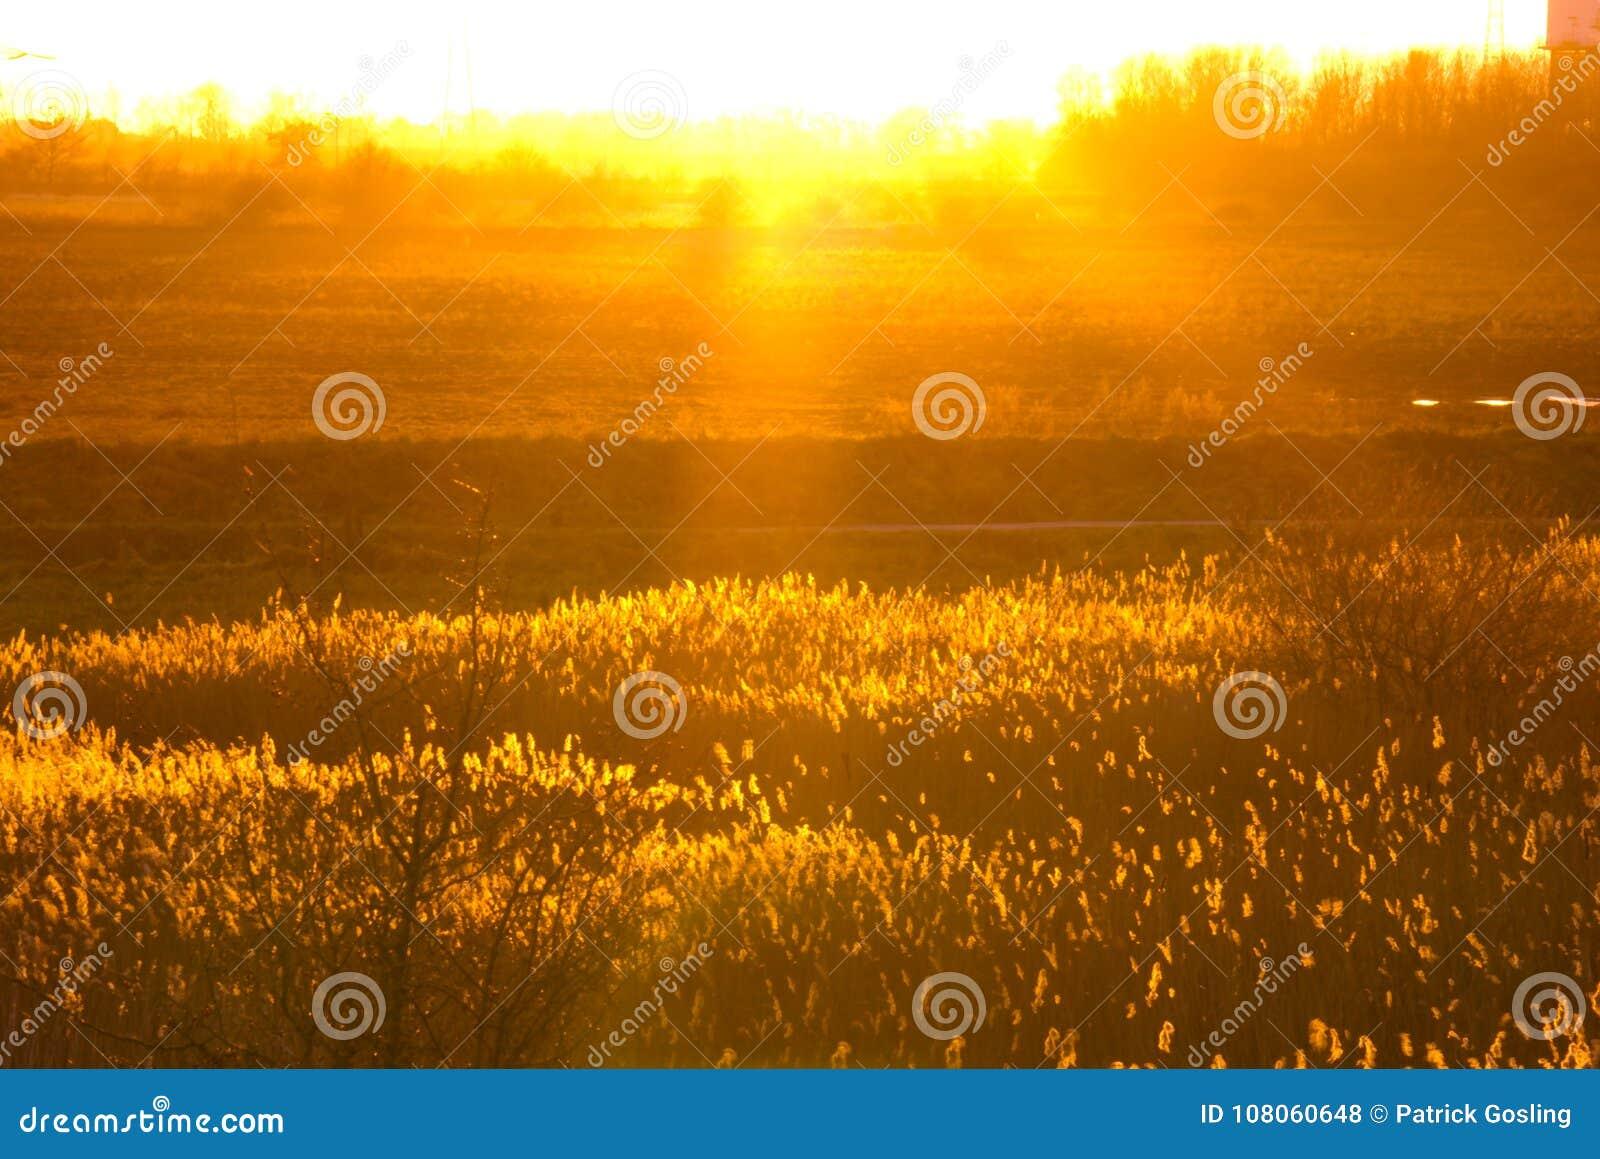 Χρυσά χρώματα του ήλιου βραδιού